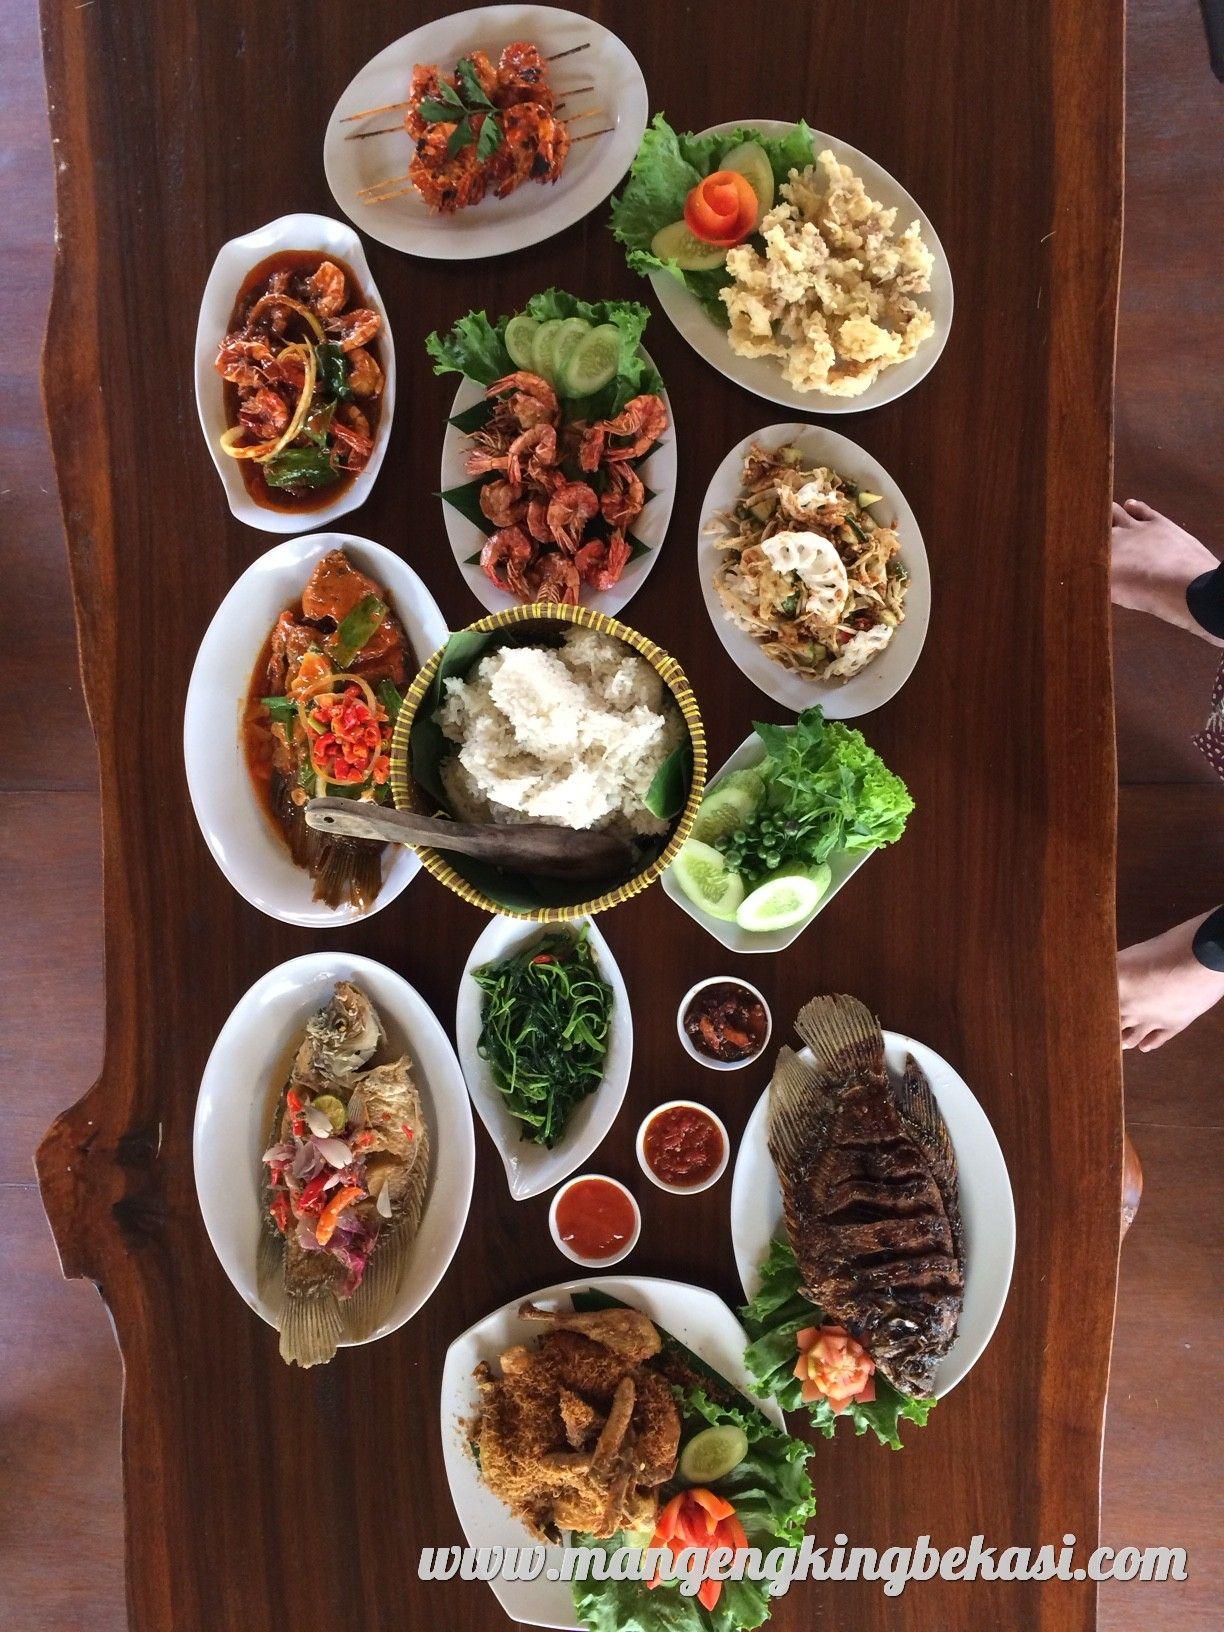 Makanan Enak Di Bekasi : makanan, bekasi, Kulıner, Bekasi, Square,, Cyber, Park,, Kuliner, 2016,, Timur,, En…, Makanan,, Makanan, Enak,, Festival